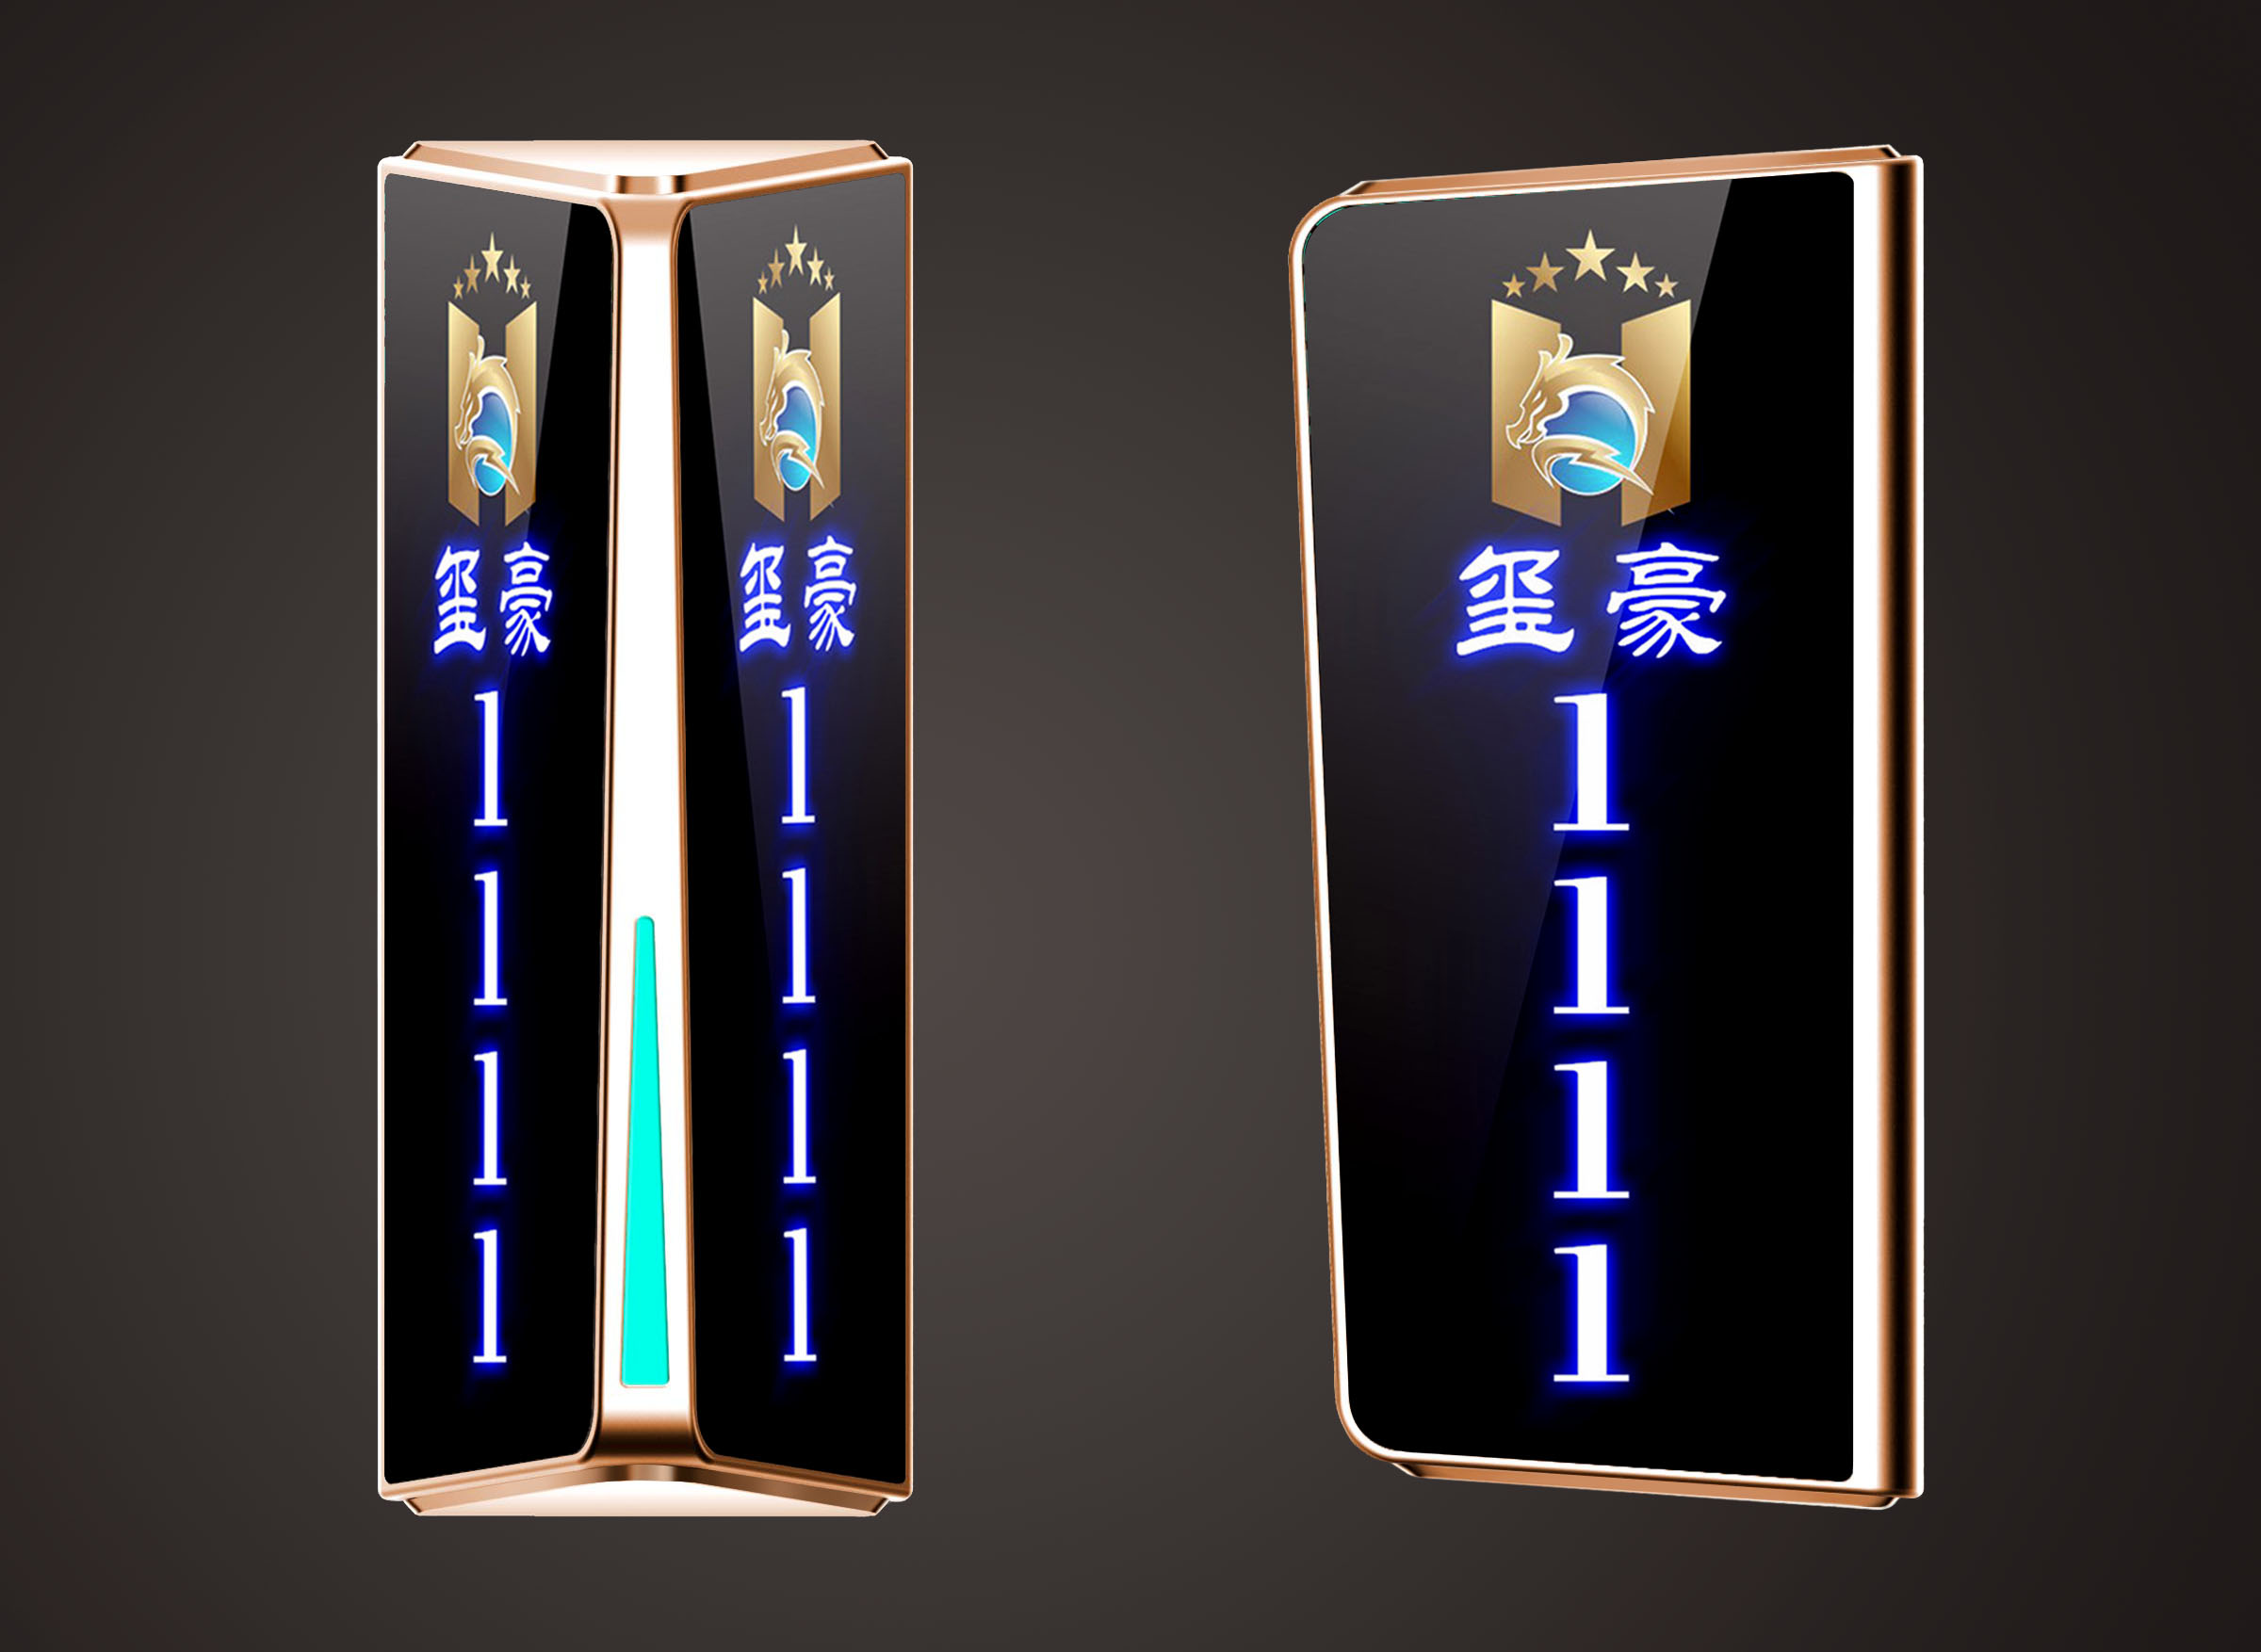 frx-308锌合金门牌灯